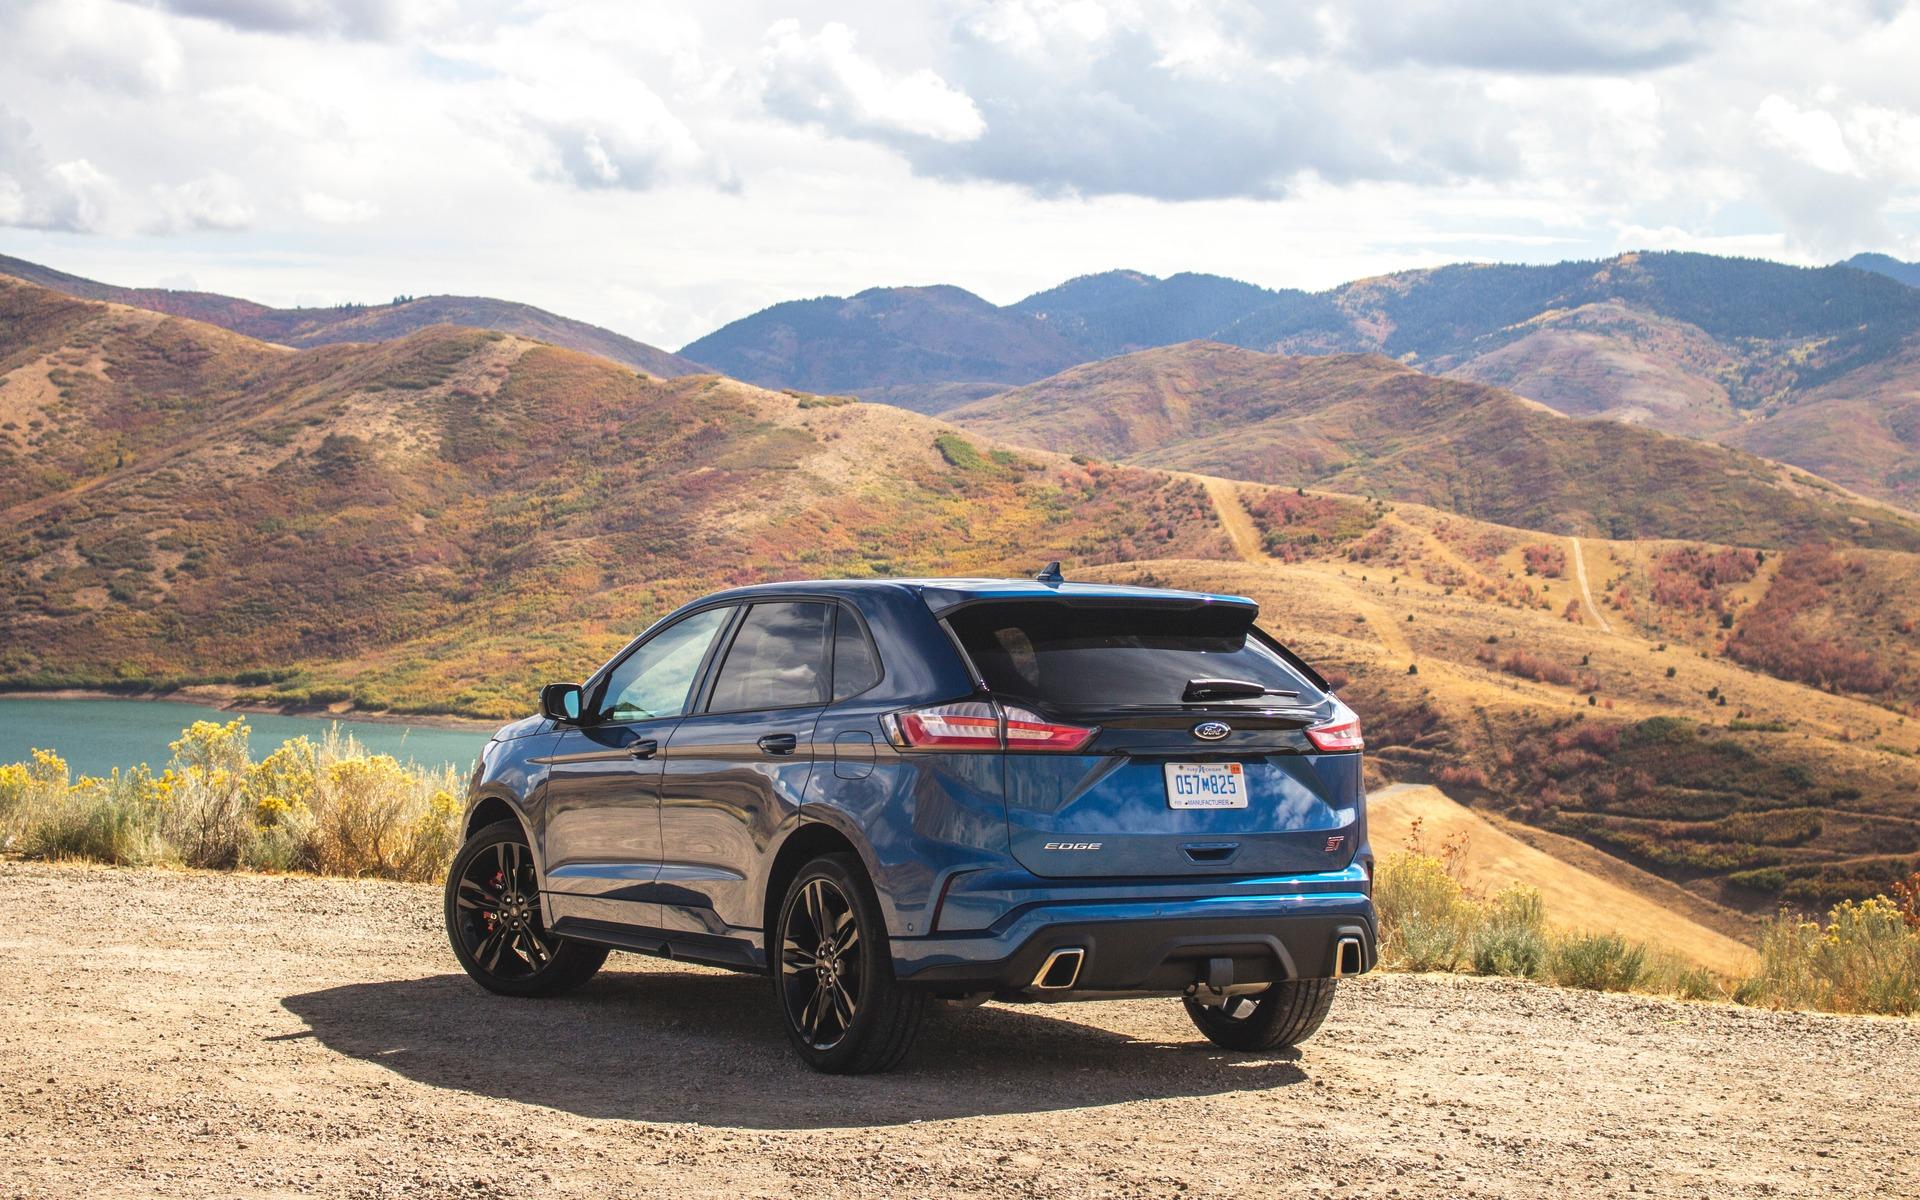 Ford Edge ST 2019 : nous en sommes rendus là 350500_Ford_Edge_ST_2019_quand_le_marketing_prend_la_releve